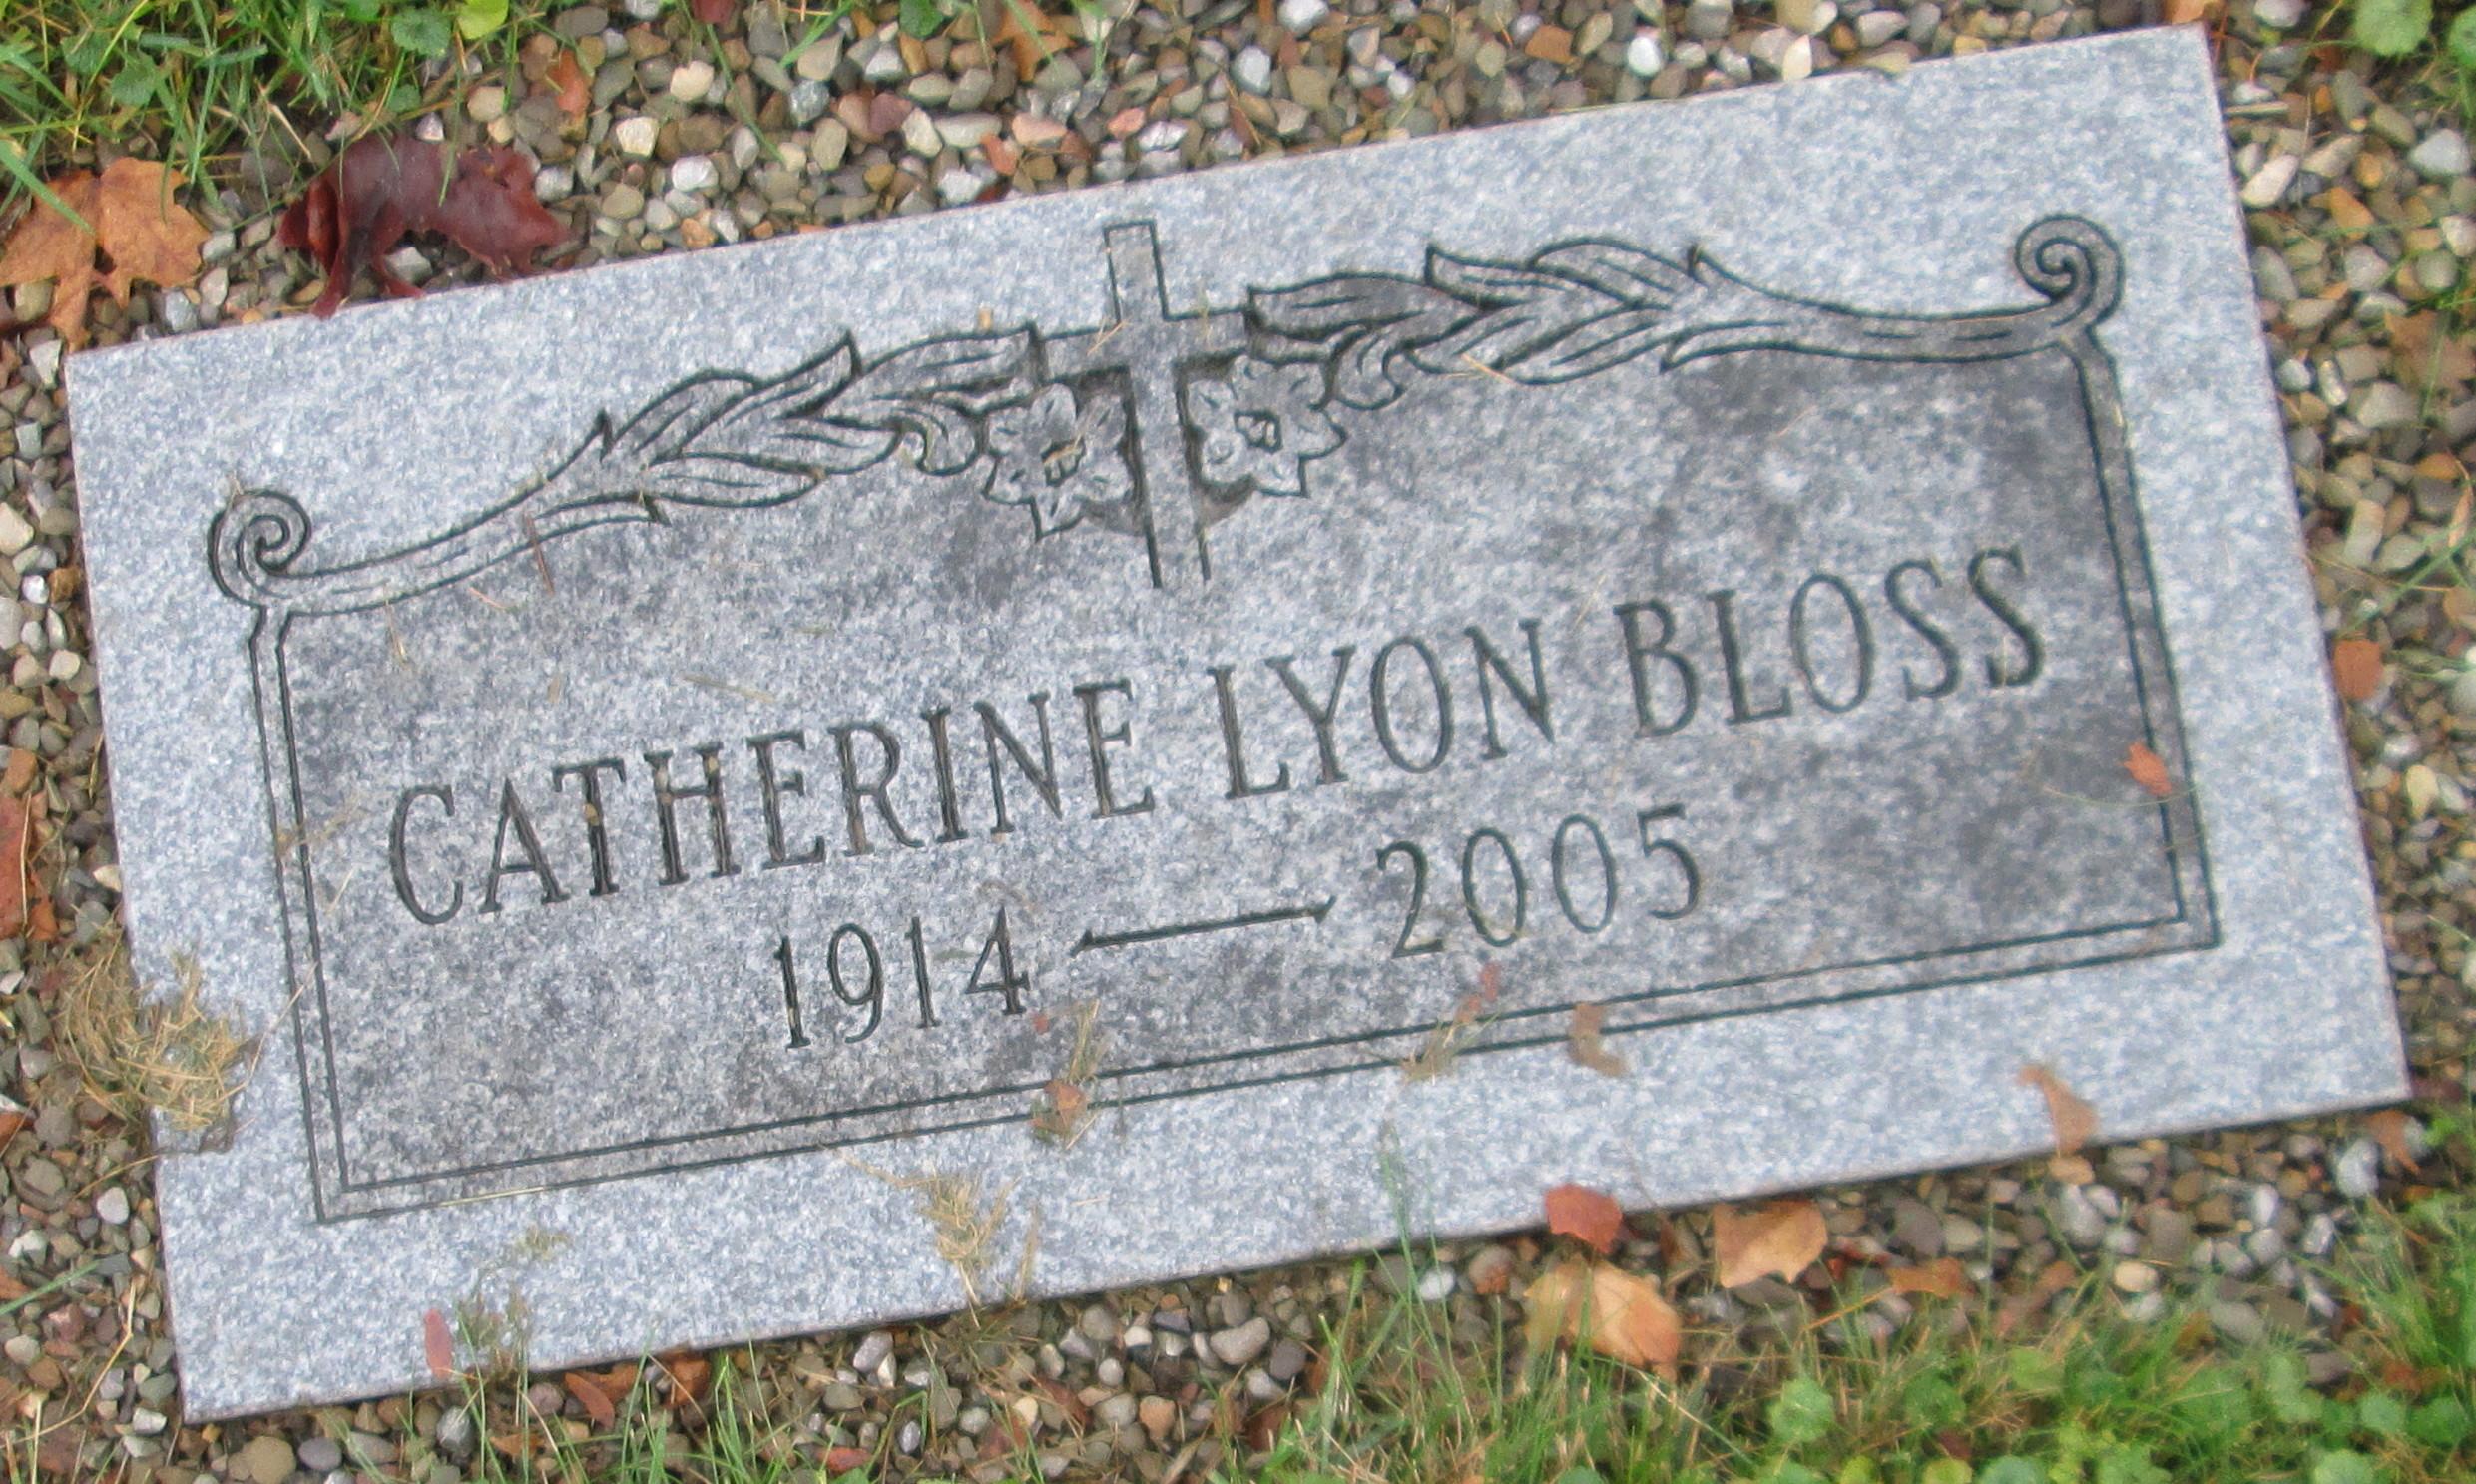 Catherine <i>Lyon</i> Bloss